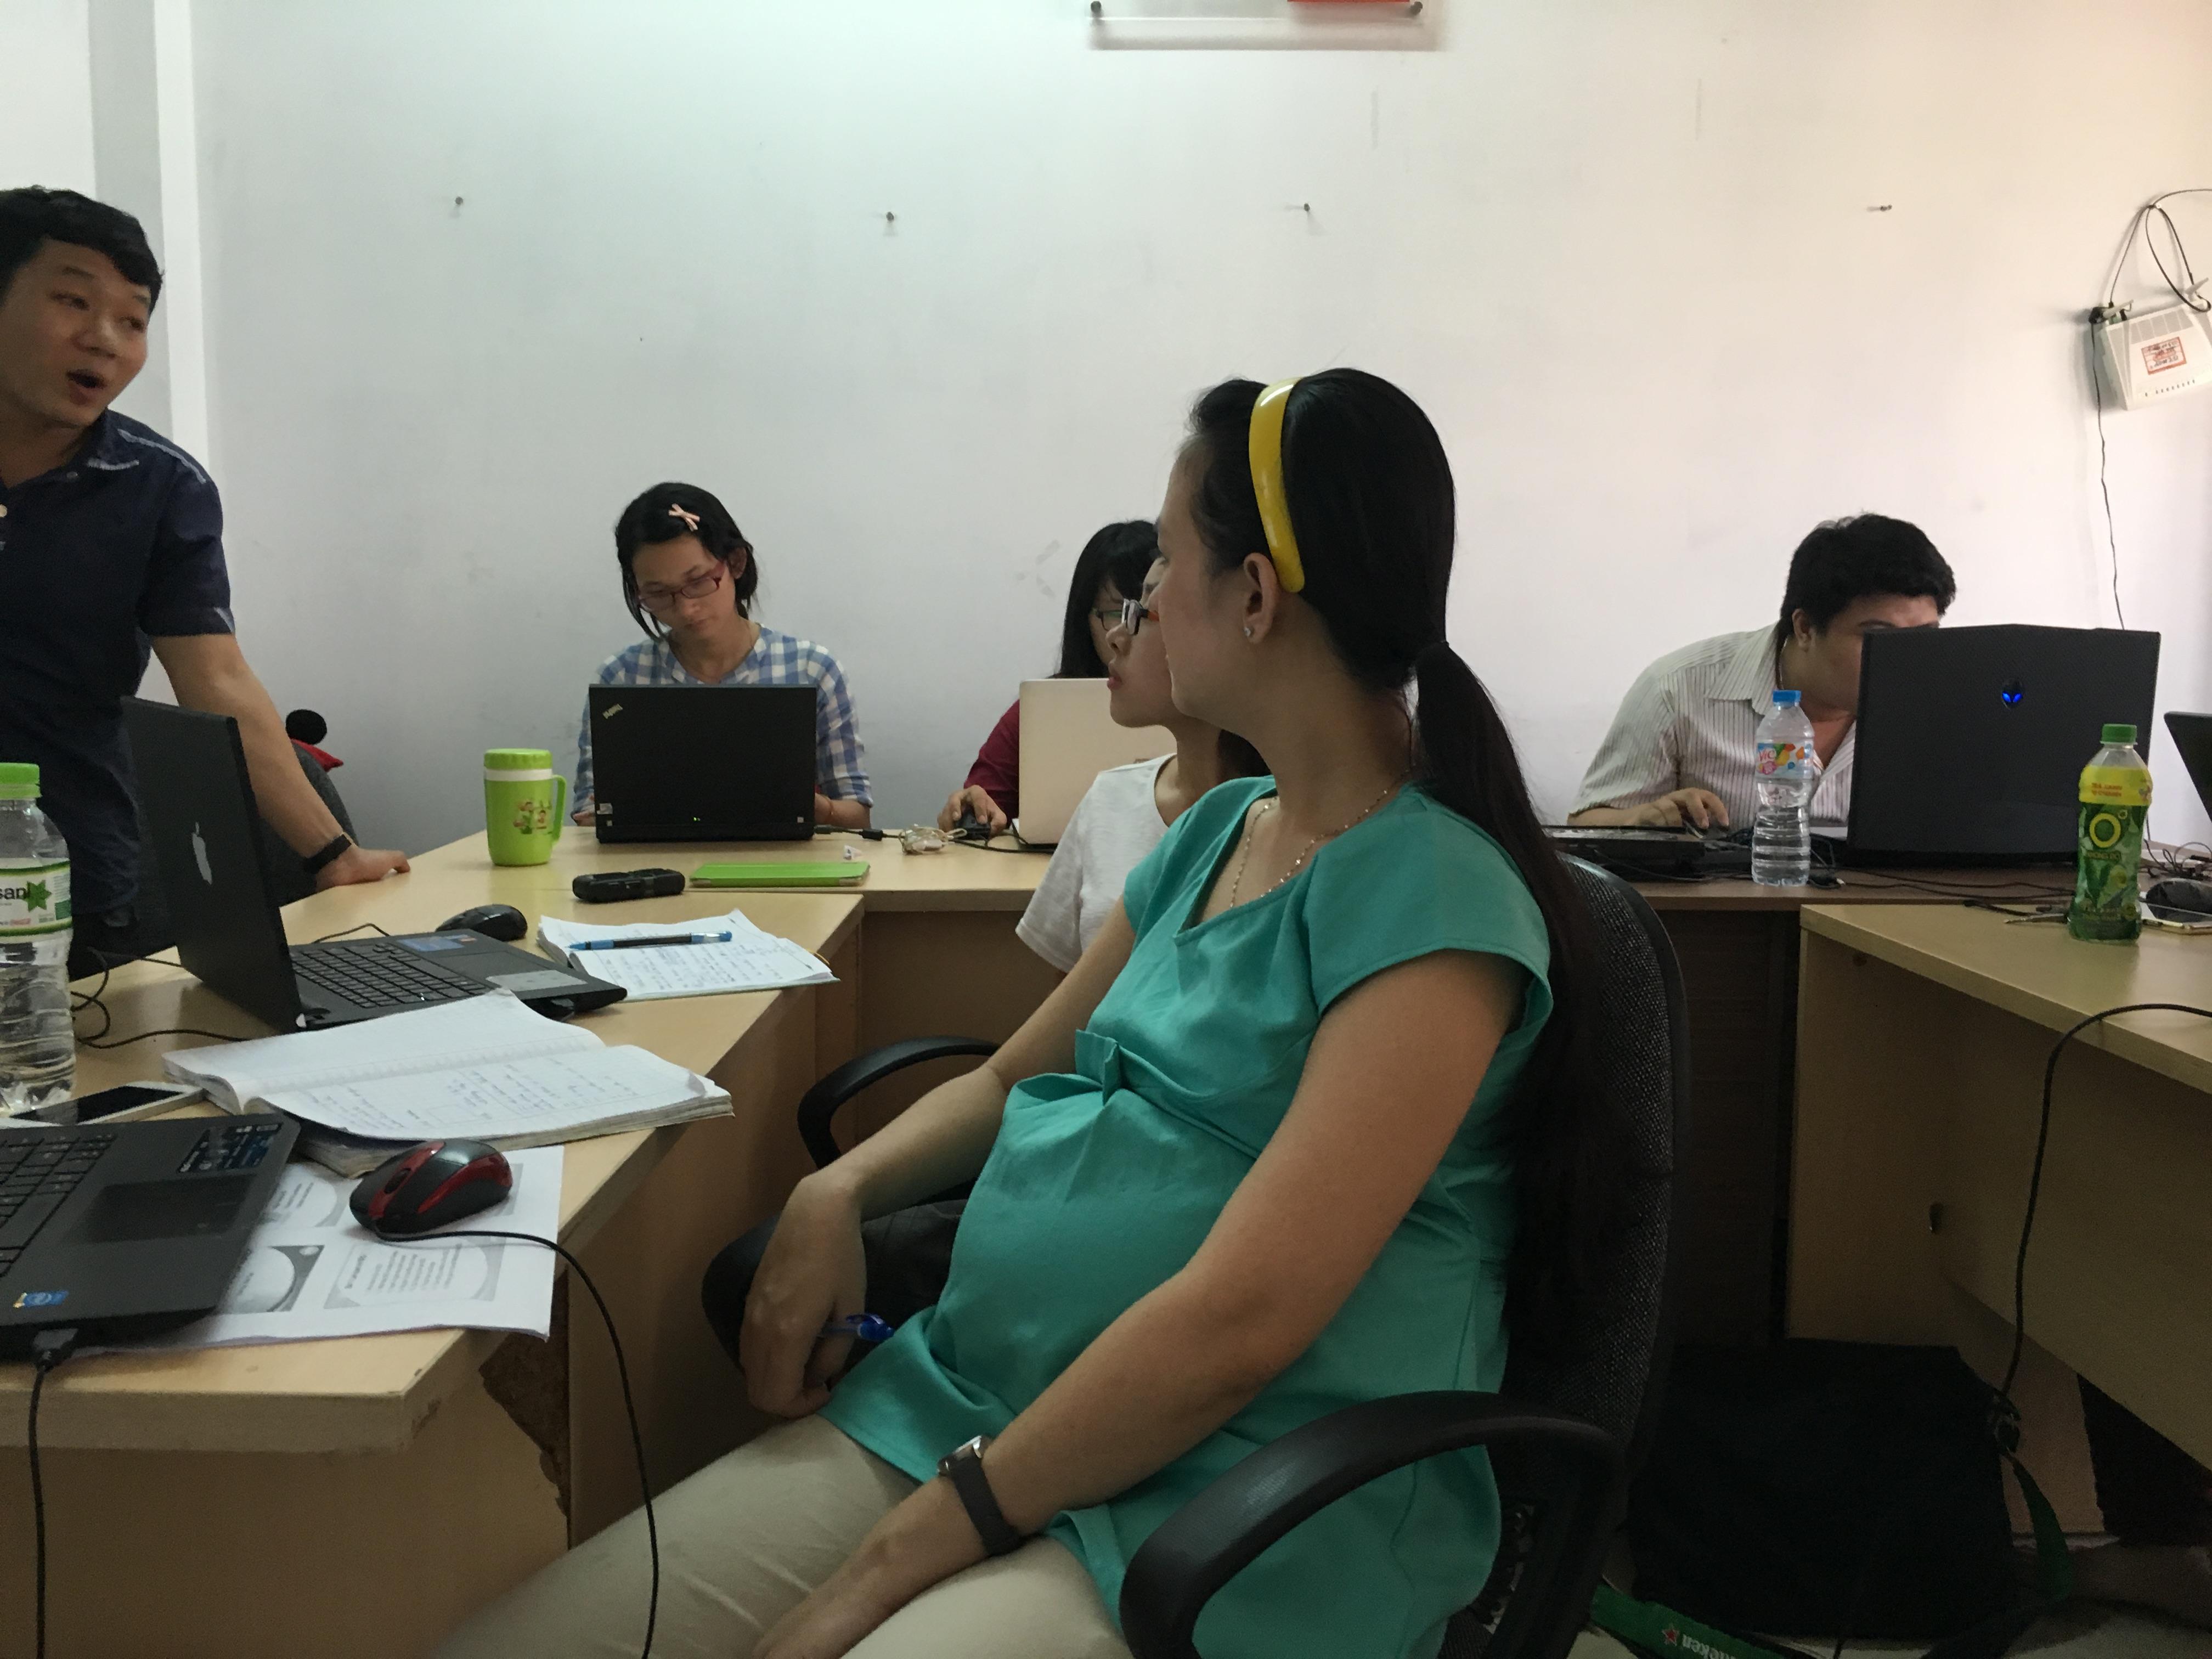 Chị Linh mặc dù đang có bầu nhưng vẫn tham gia khóa học SEO đầy đủ